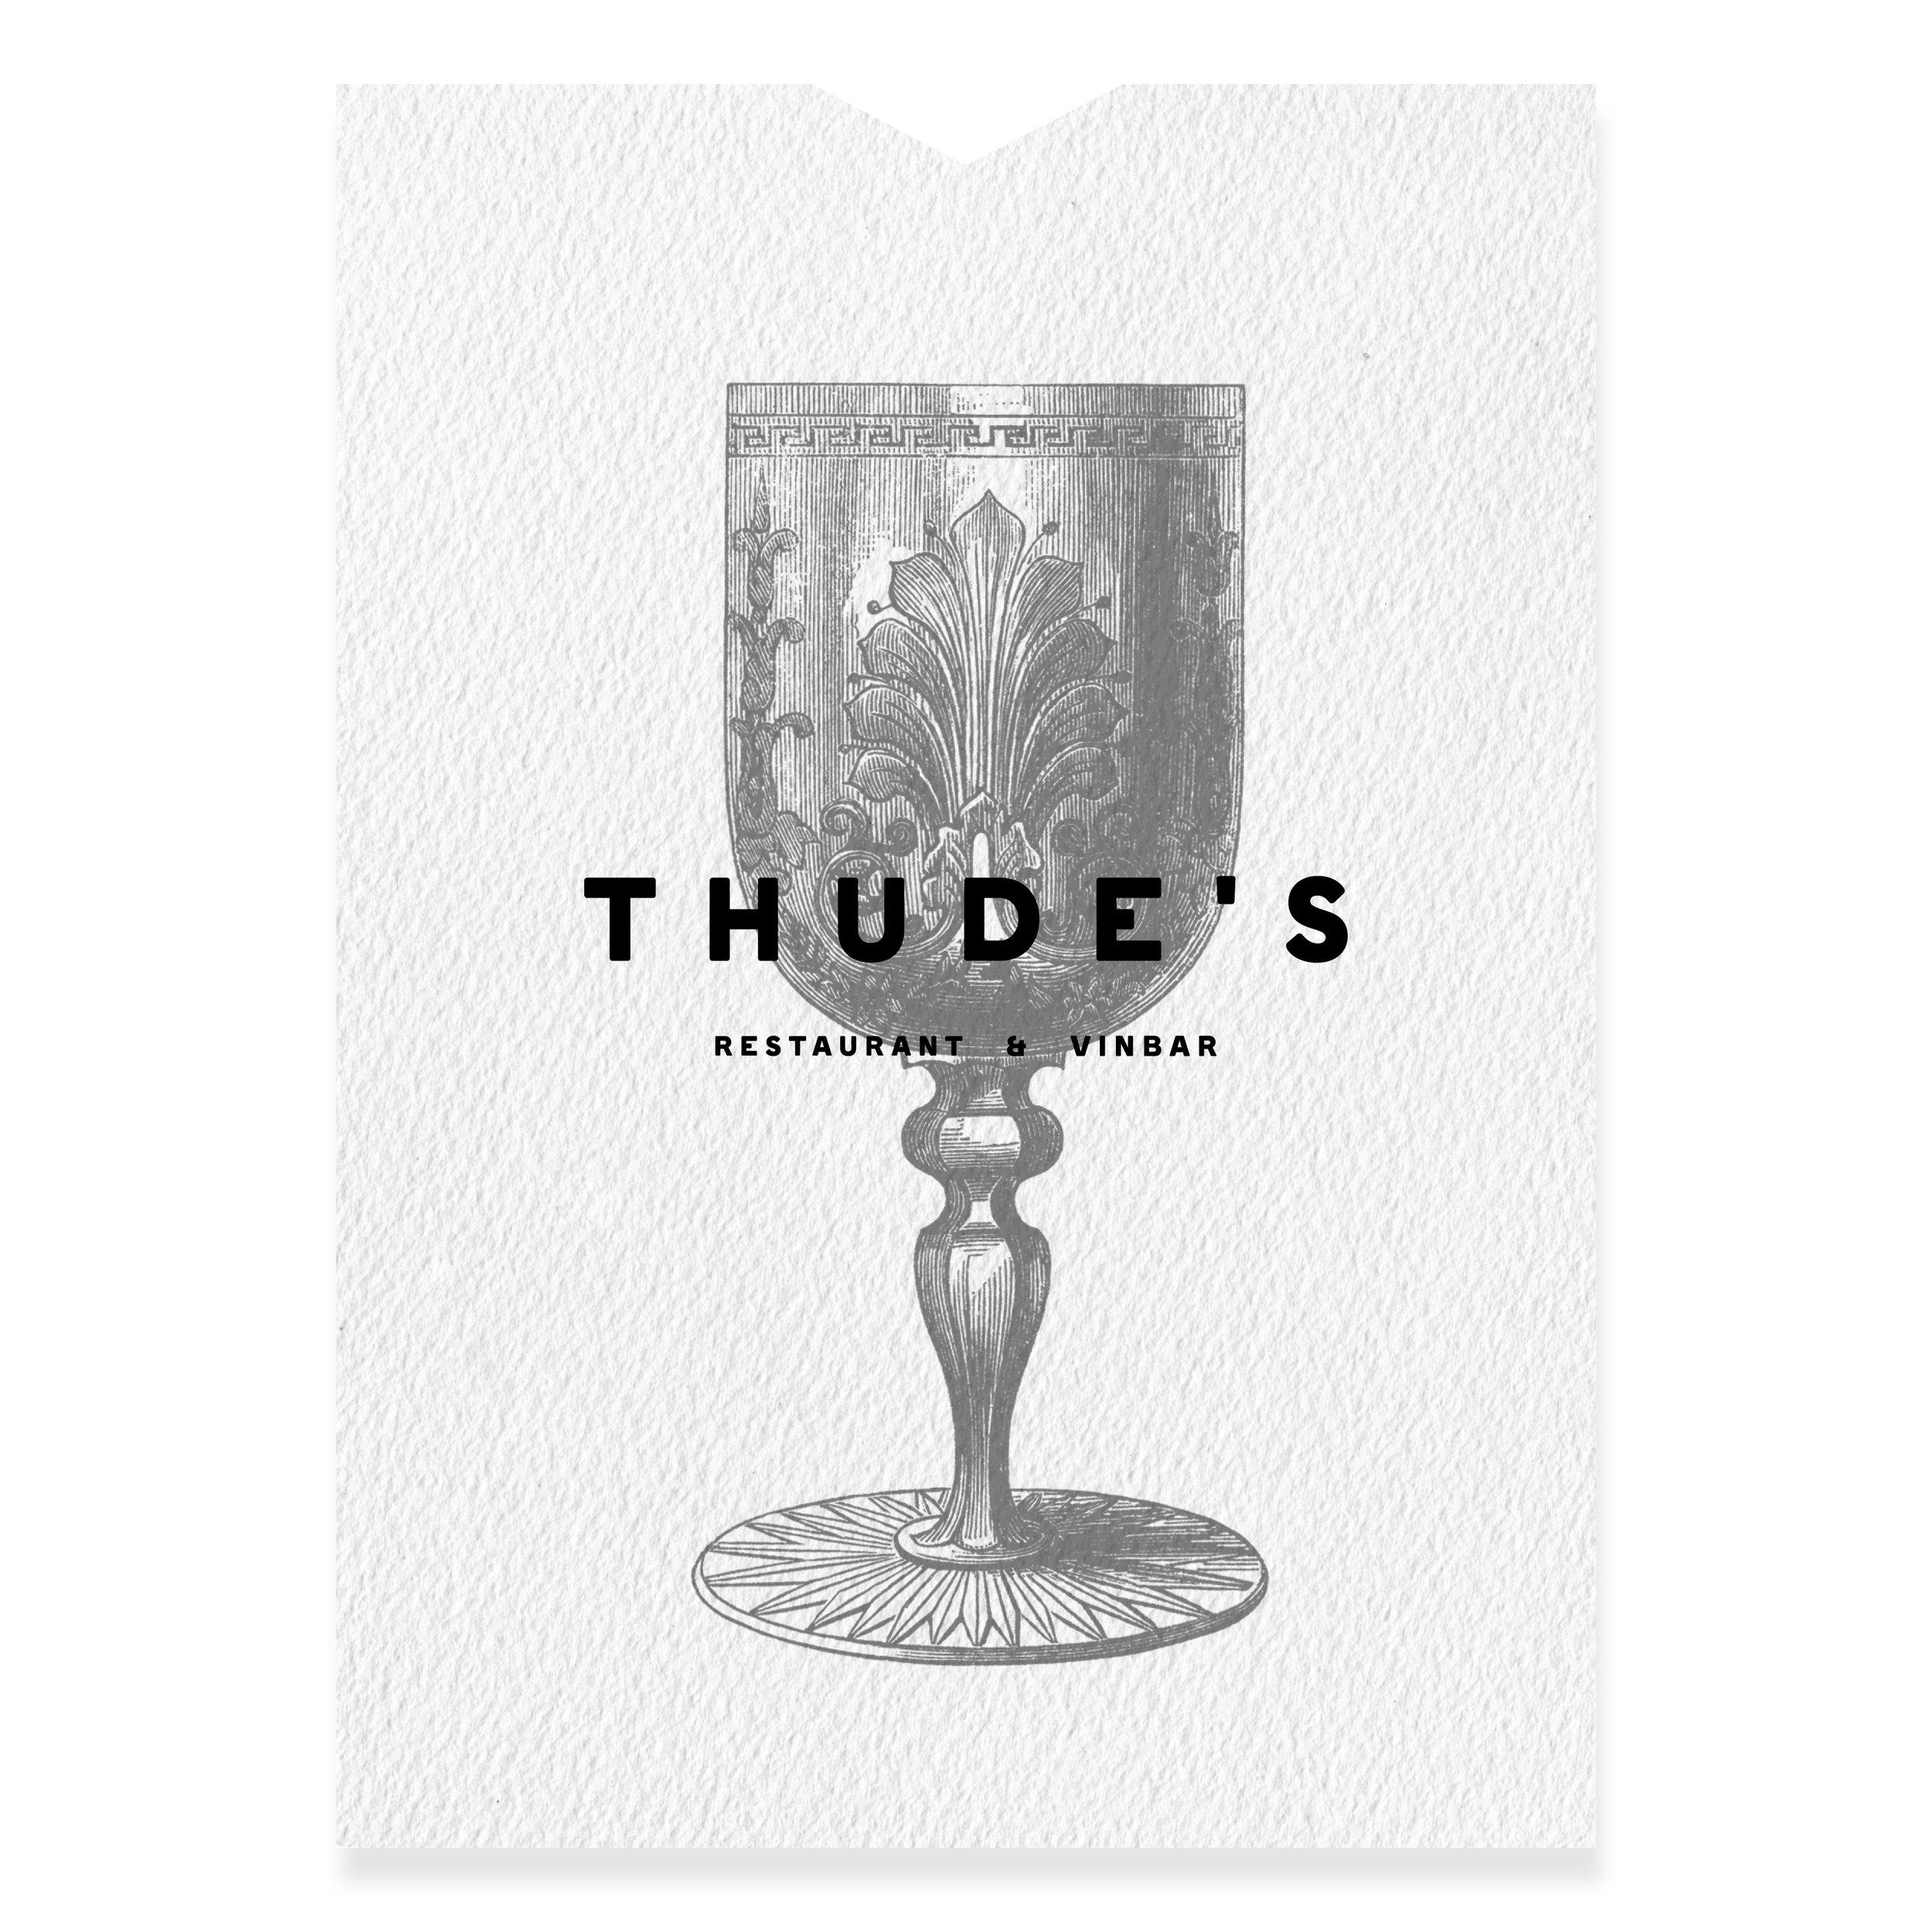 Thudes_Restaurant5.jpg